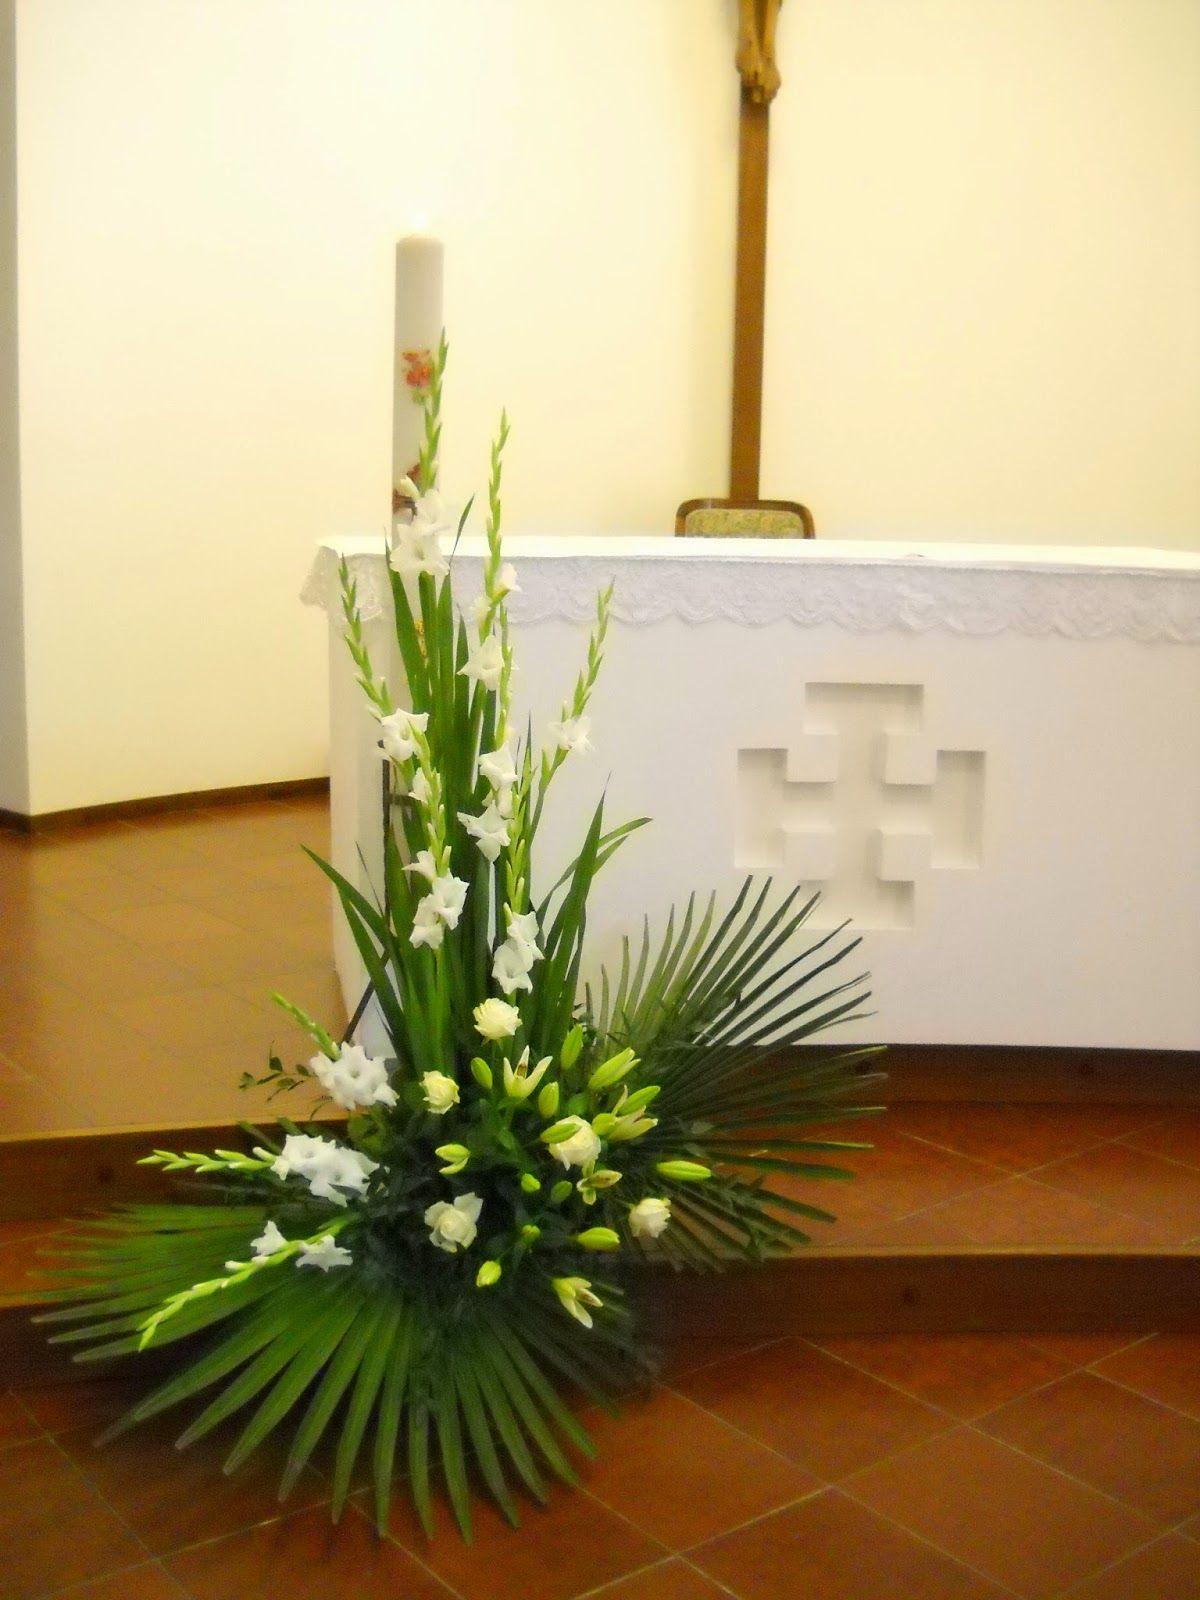 Fiori Per Composizioni Floreali.Arte Floreale Per La Liturgia Composizioni Floreali Funebri